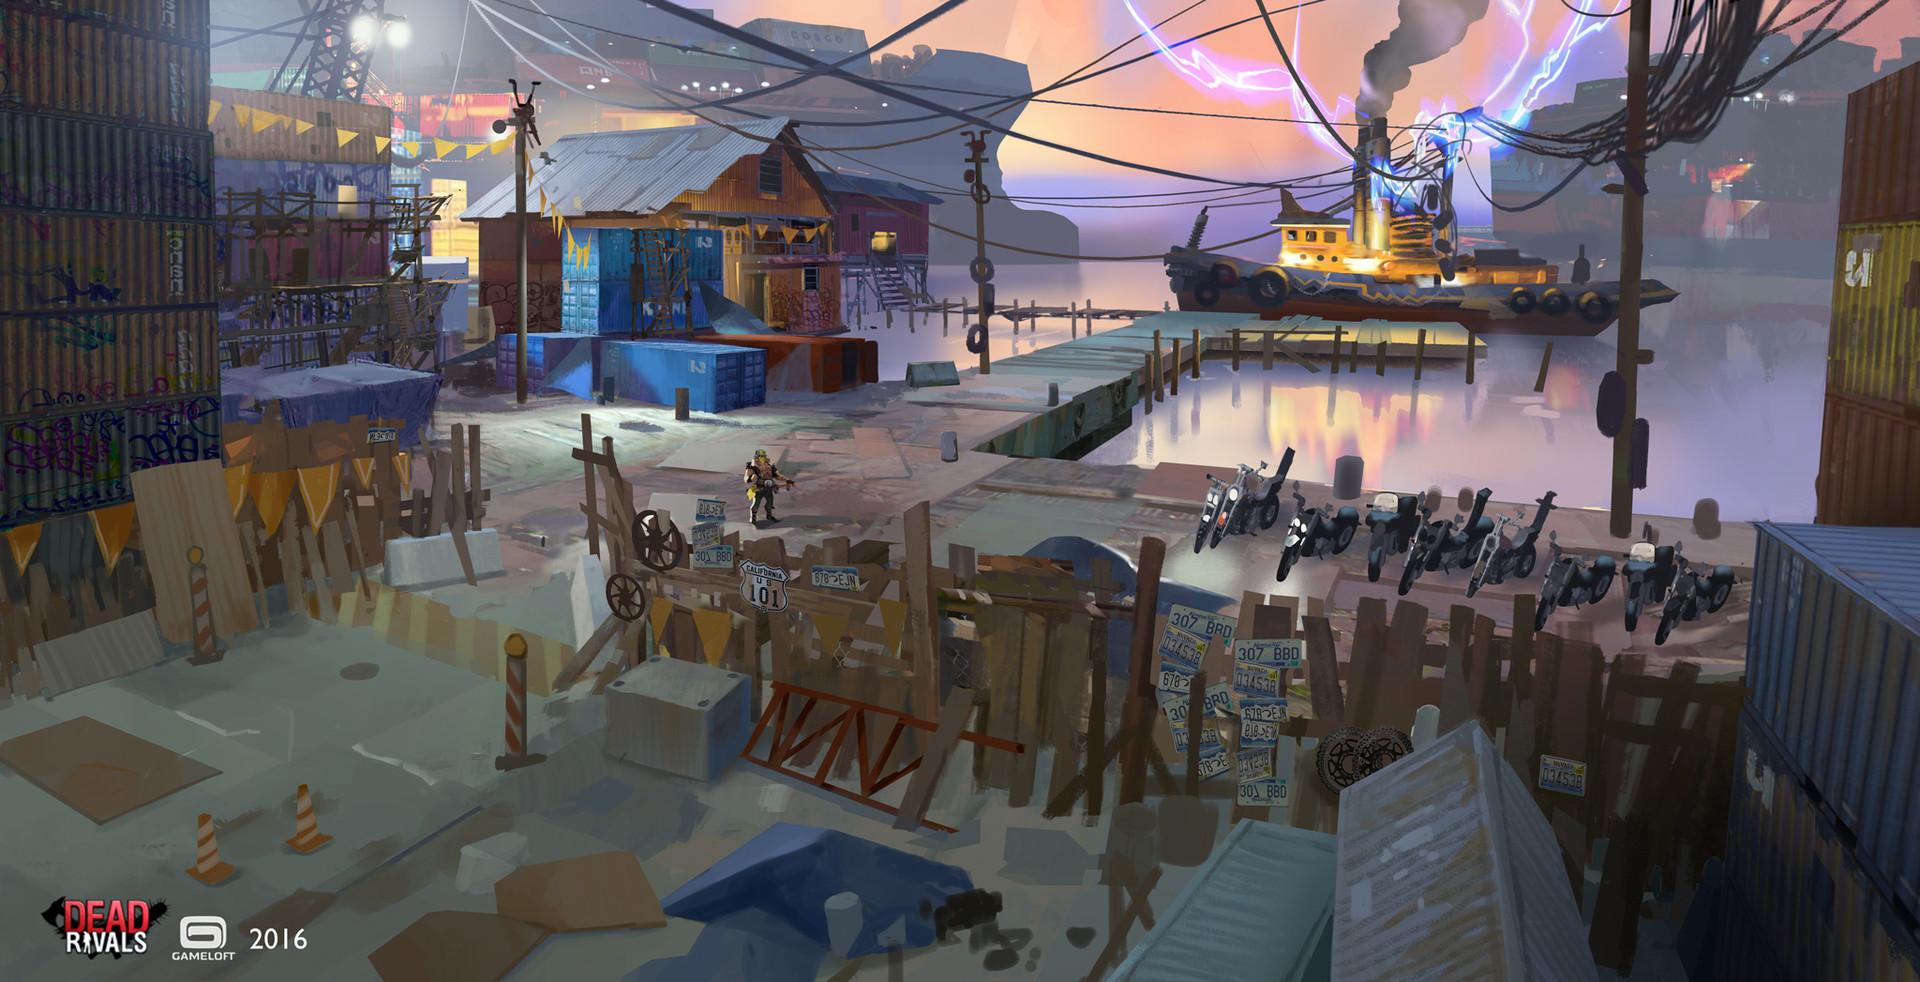 Adrien girod dw power boat scenery 03 artstation